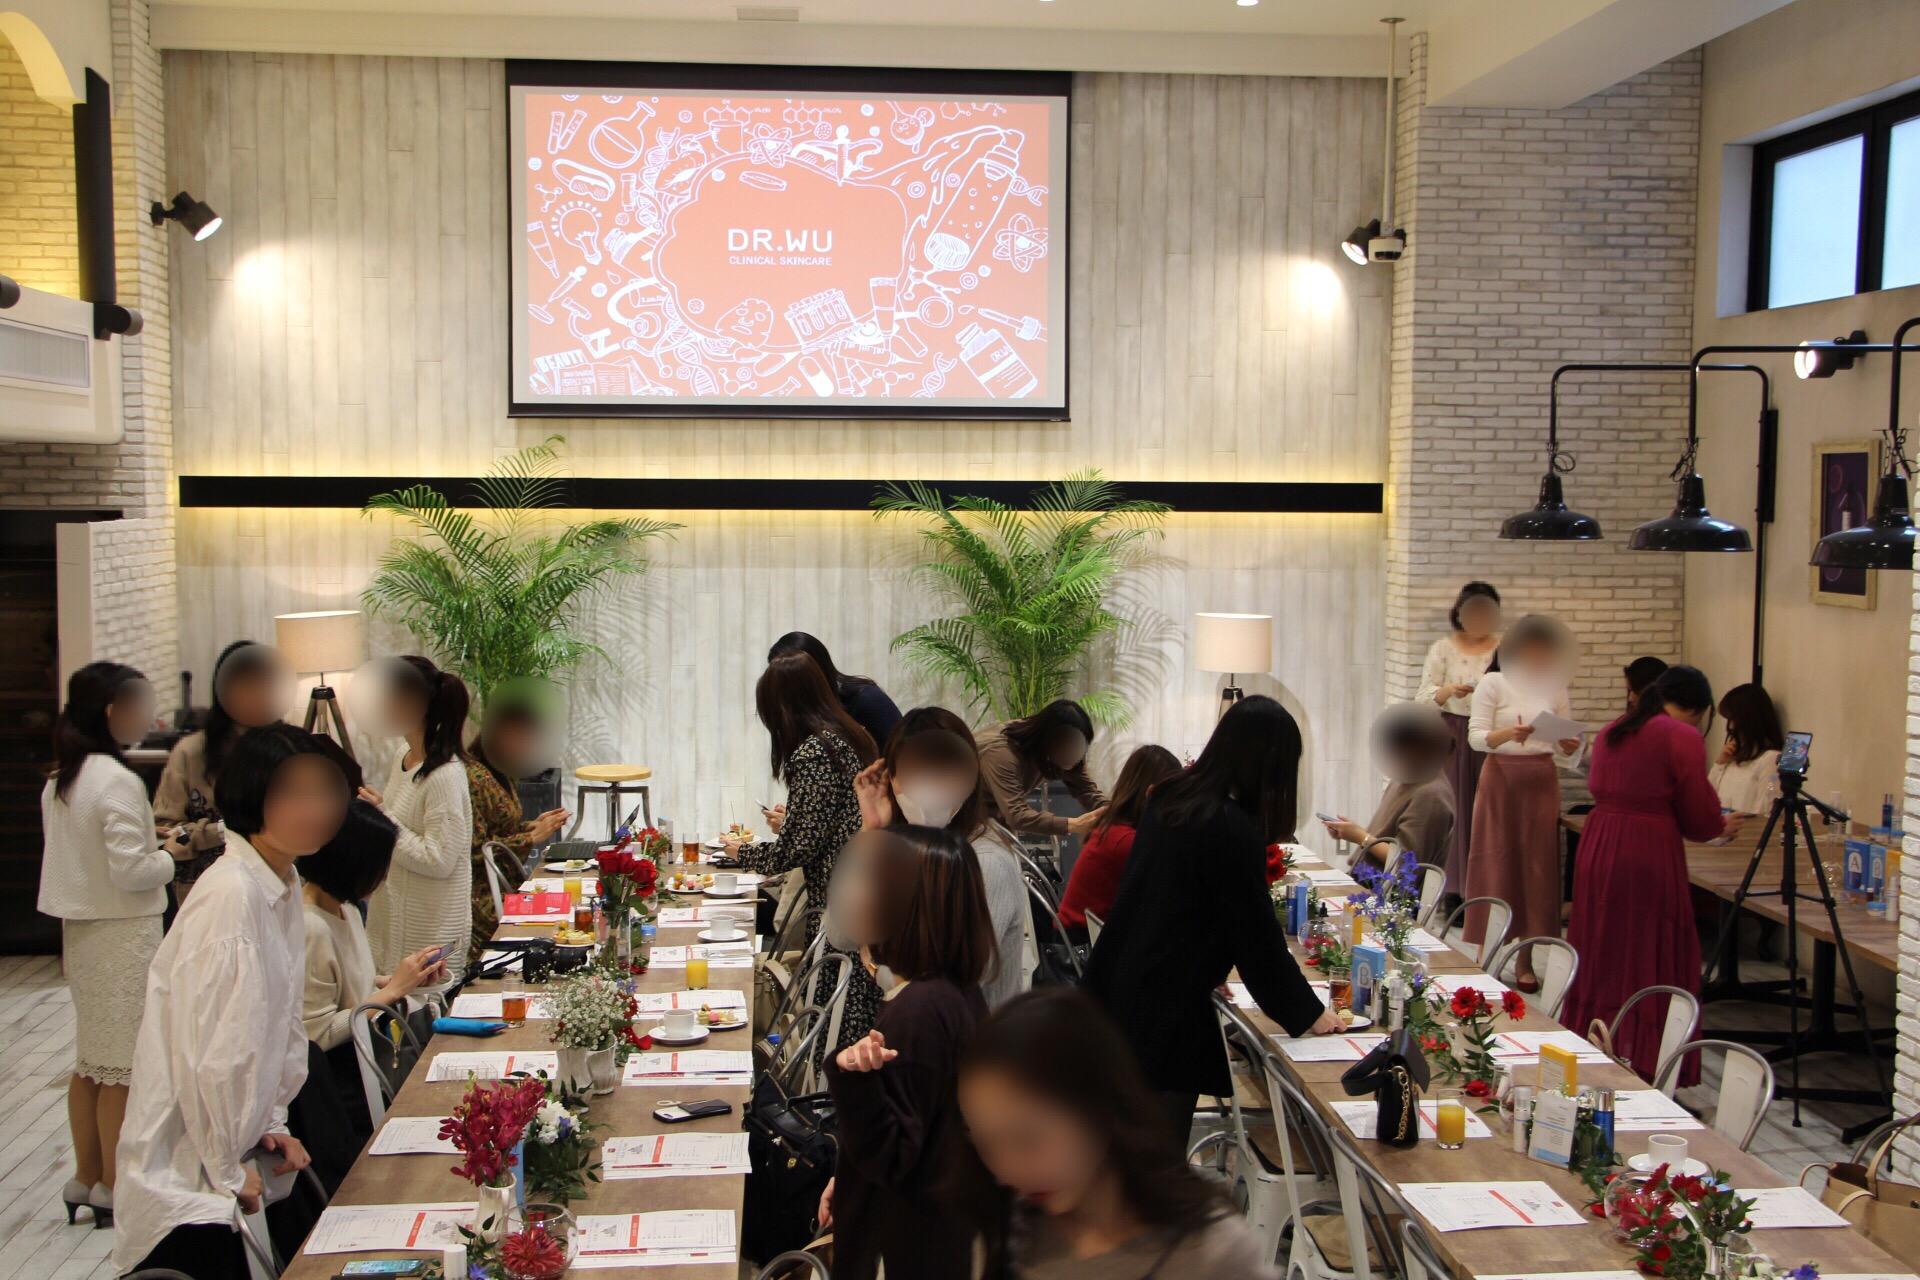 台湾定番コスメ!DR.WU(ドクターウー)PRイベント@EBISU SHOW ROOM|TIME SHARING|タイムシェアリング|スペースマネジメント|あどばる|adval|SHARING